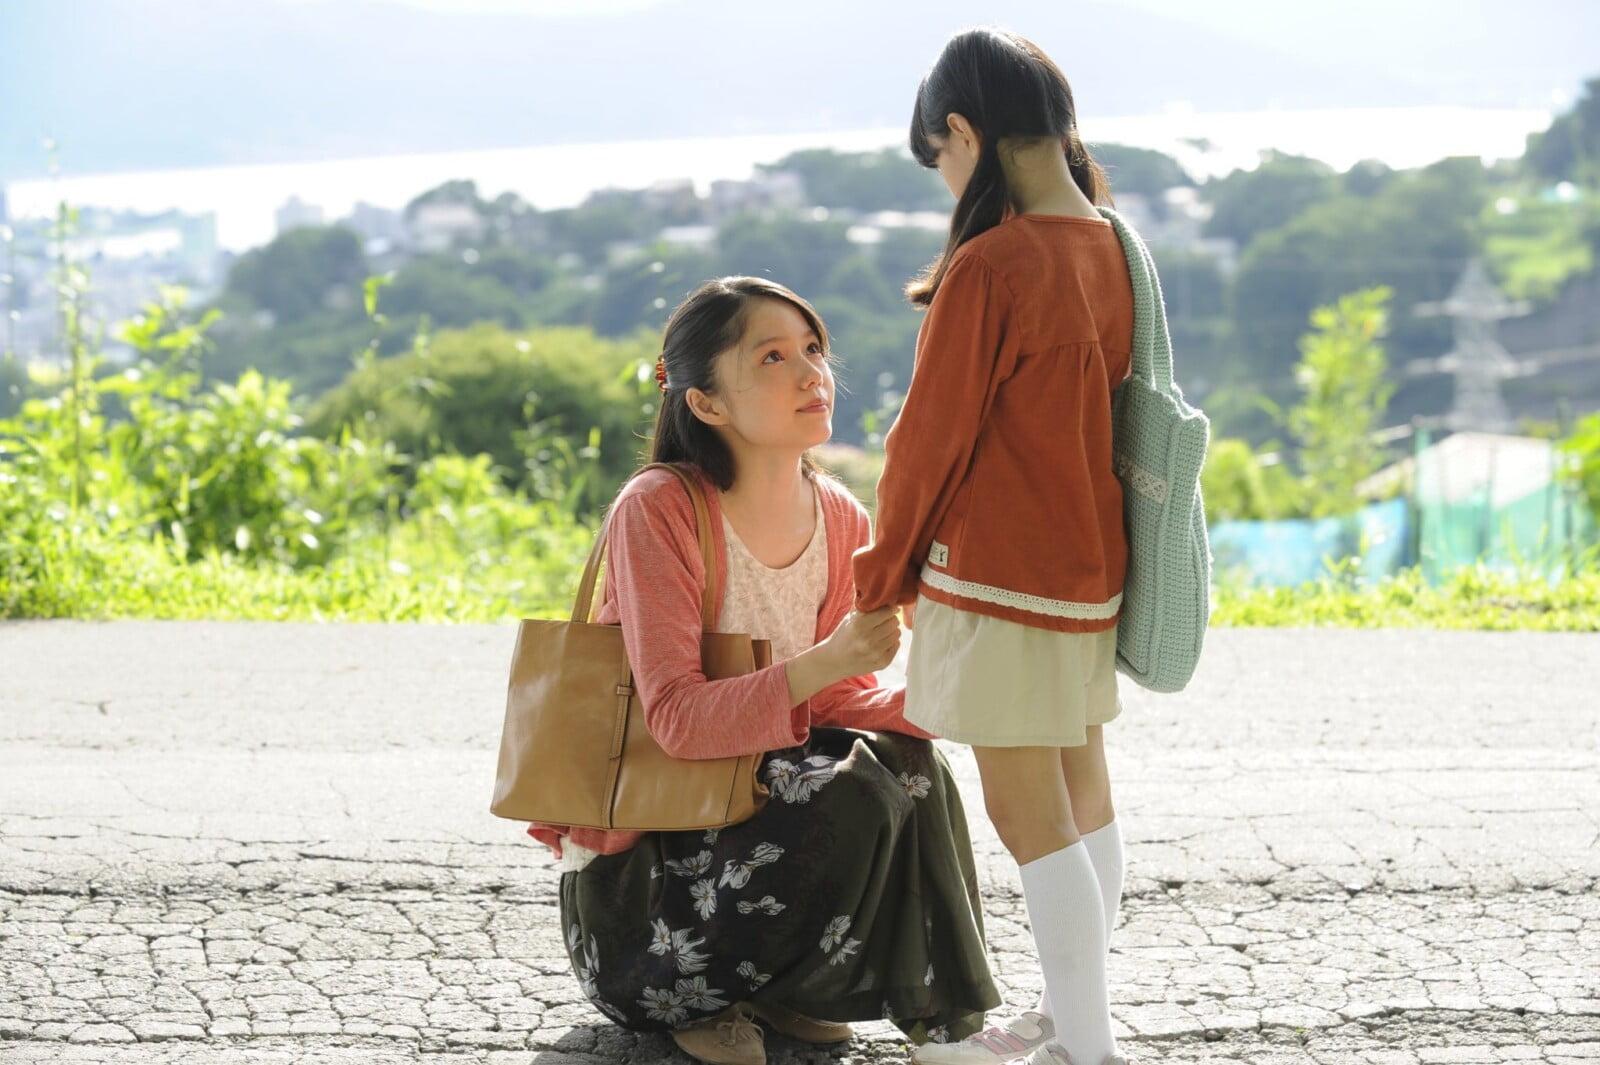 あの宮﨑あおいがとうとう母親役に。見逃せません!